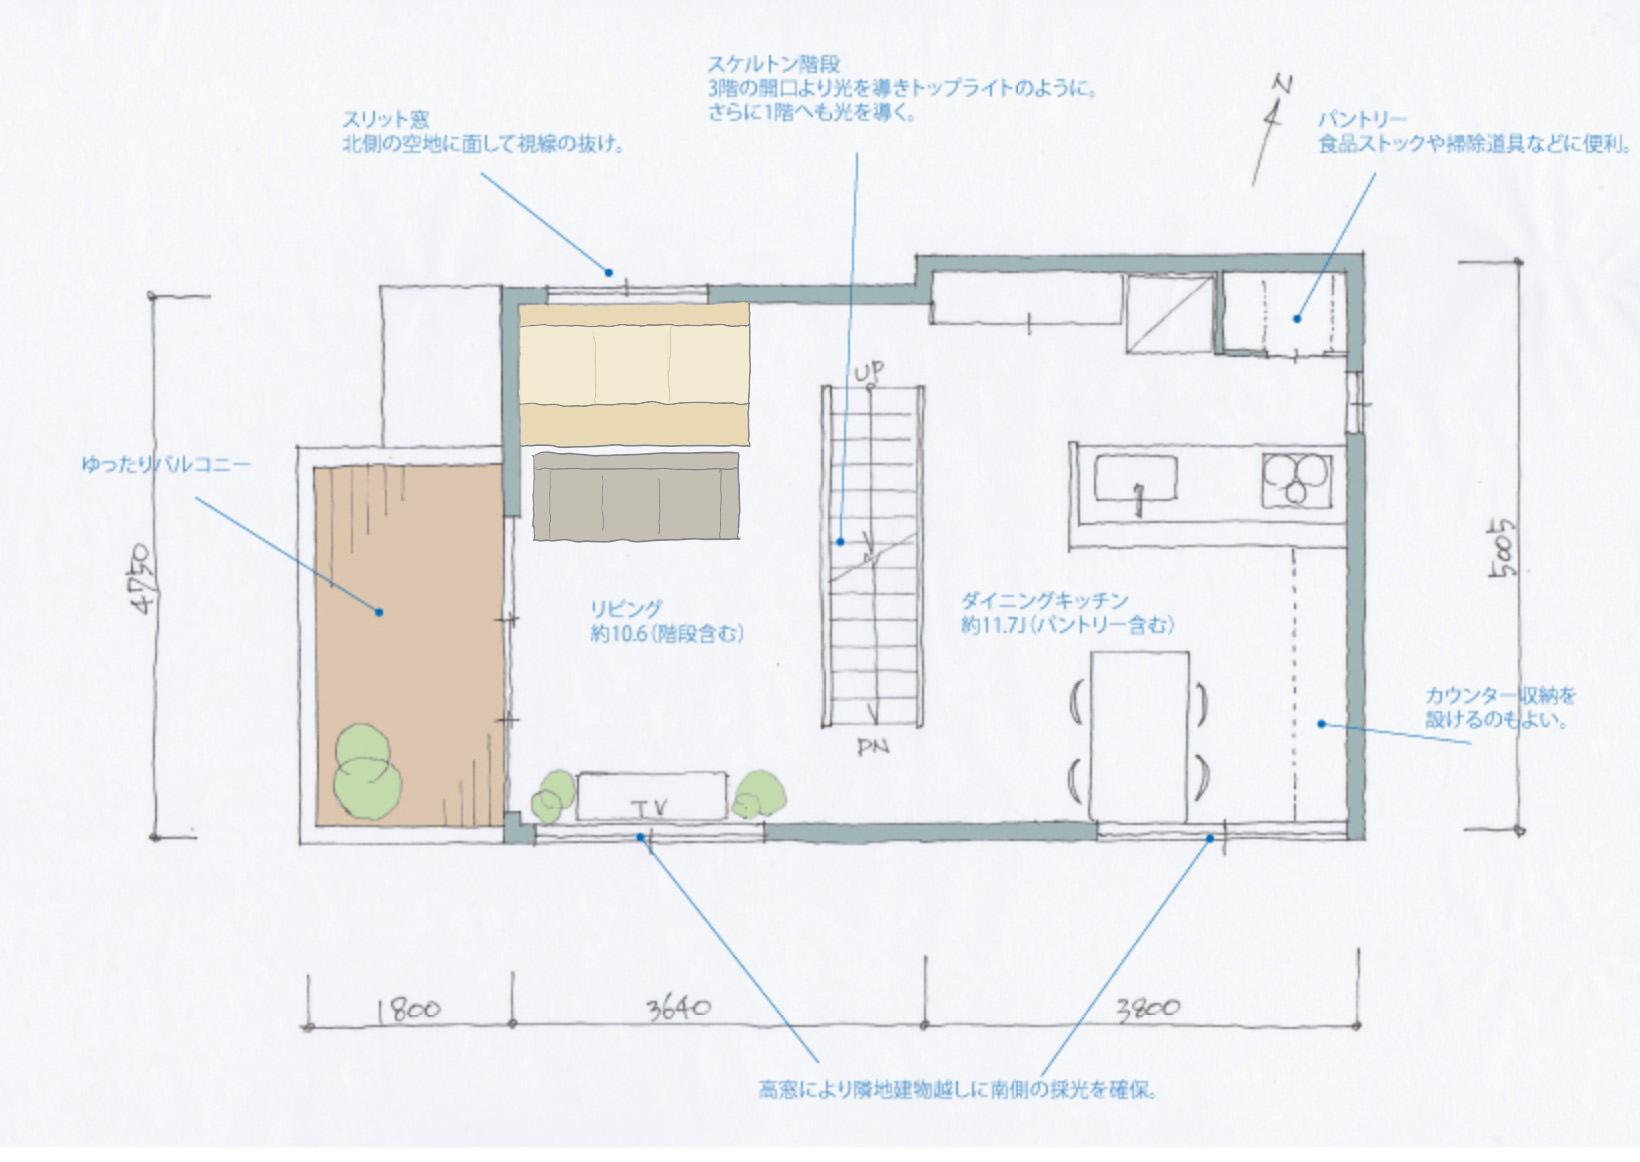 ワーキングカウンターのある3階建て住宅